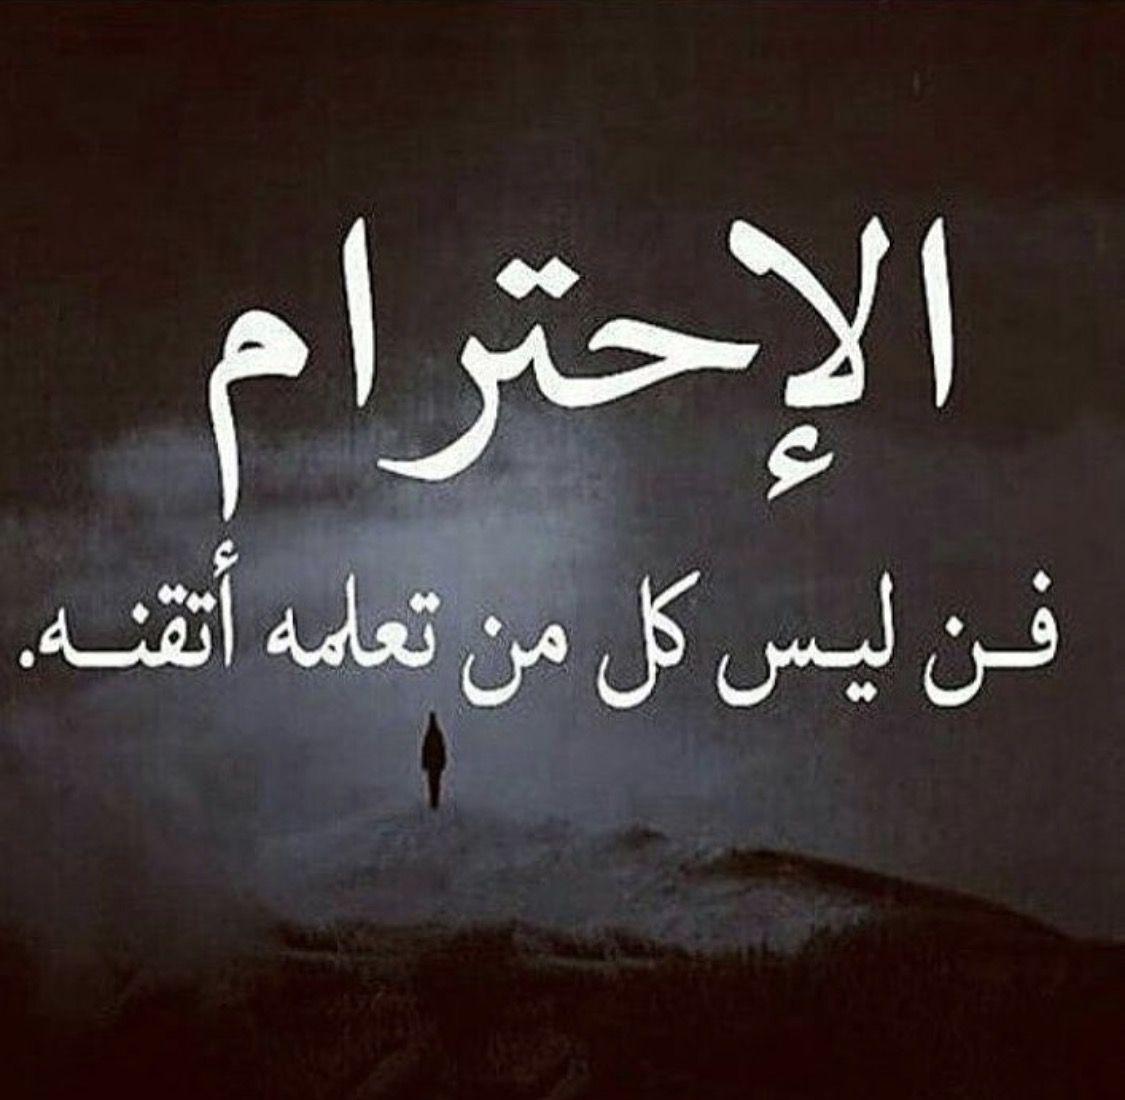 الإحترام فن لايتقنه الكل Arabic Calligraphy Art Ale